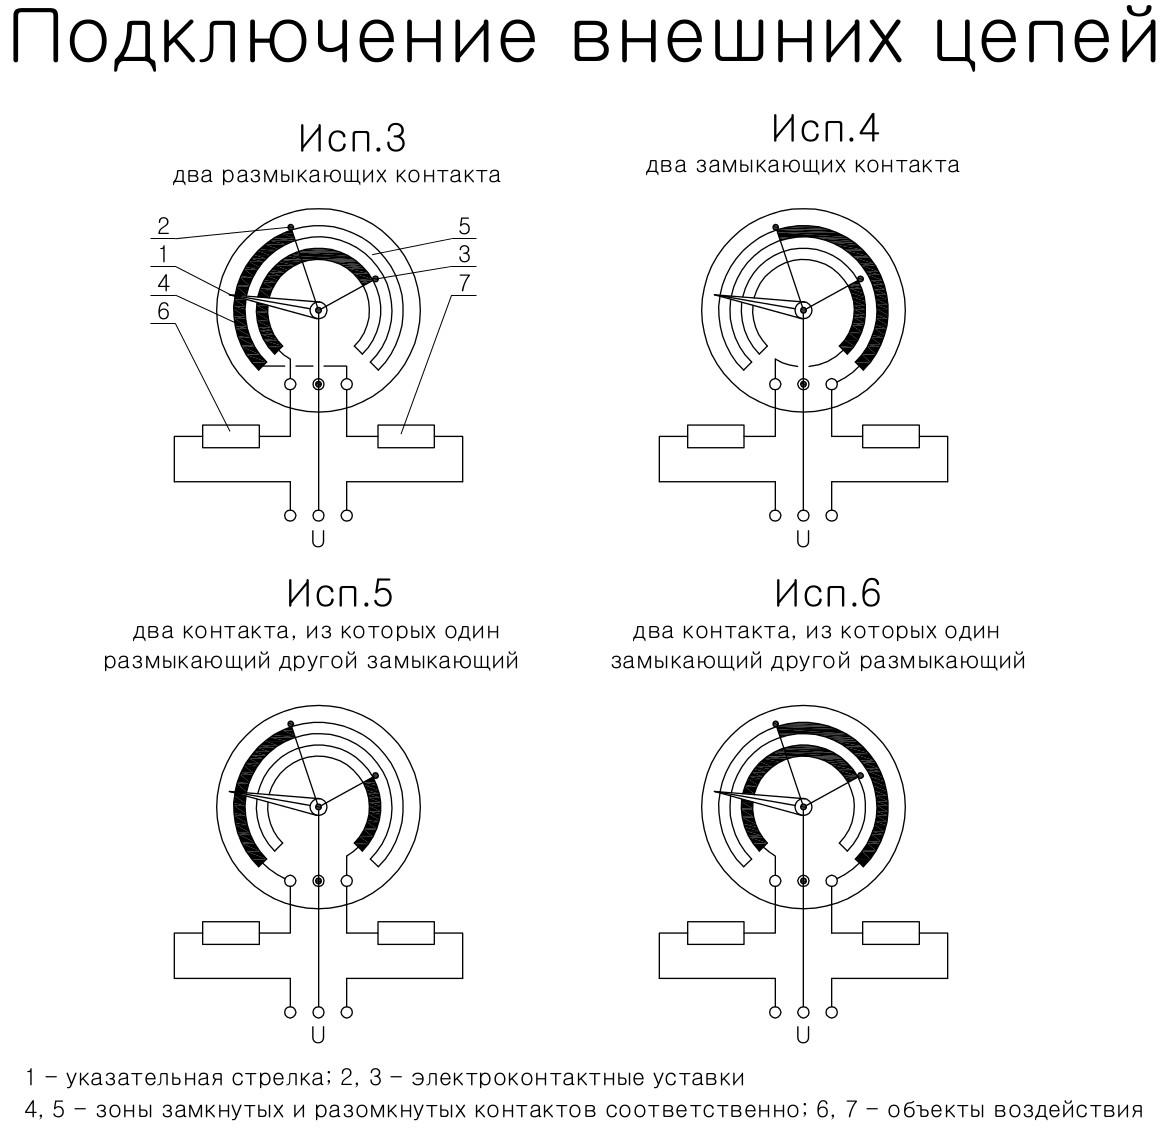 Электроконтактный манометр принцип действия